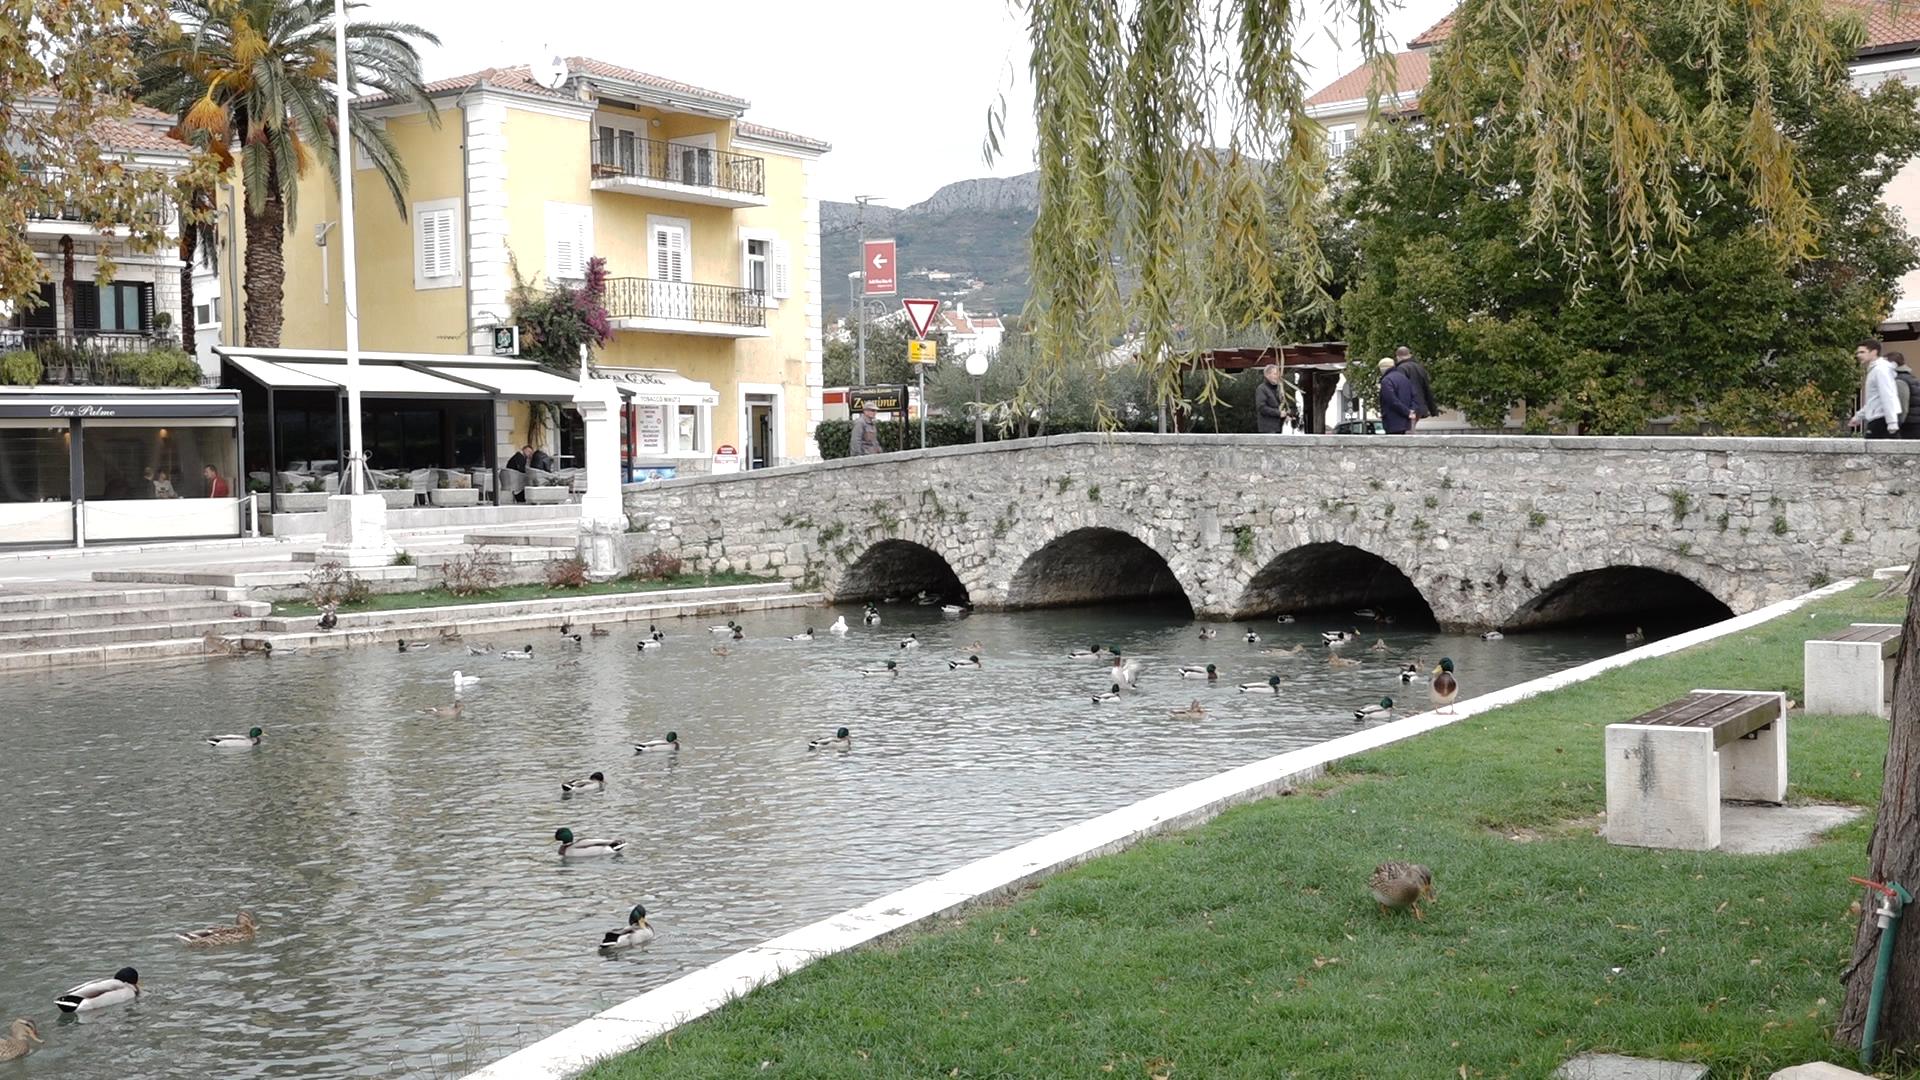 Prva međunarodna konferencija 'Sigurnost povijesnih gradova' u Splitu